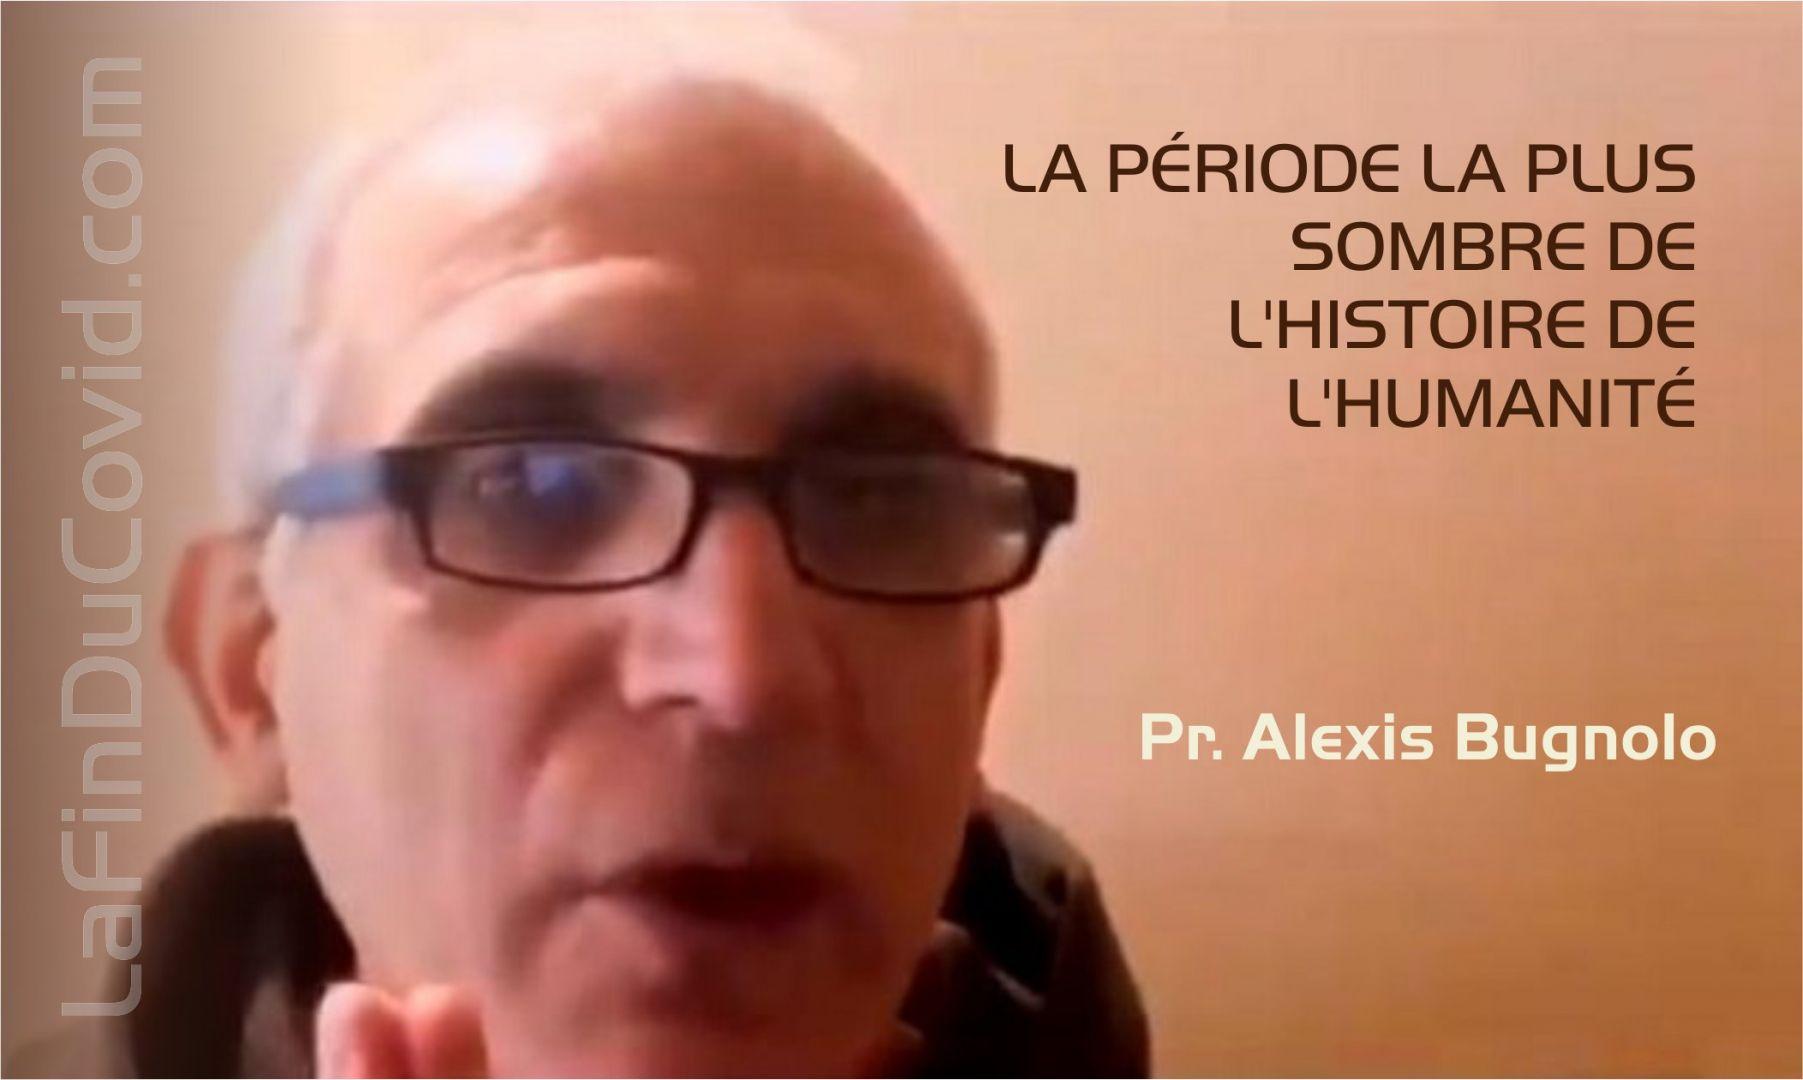 Alexis Bugnolo: La période plus sombre de toute l'humanité